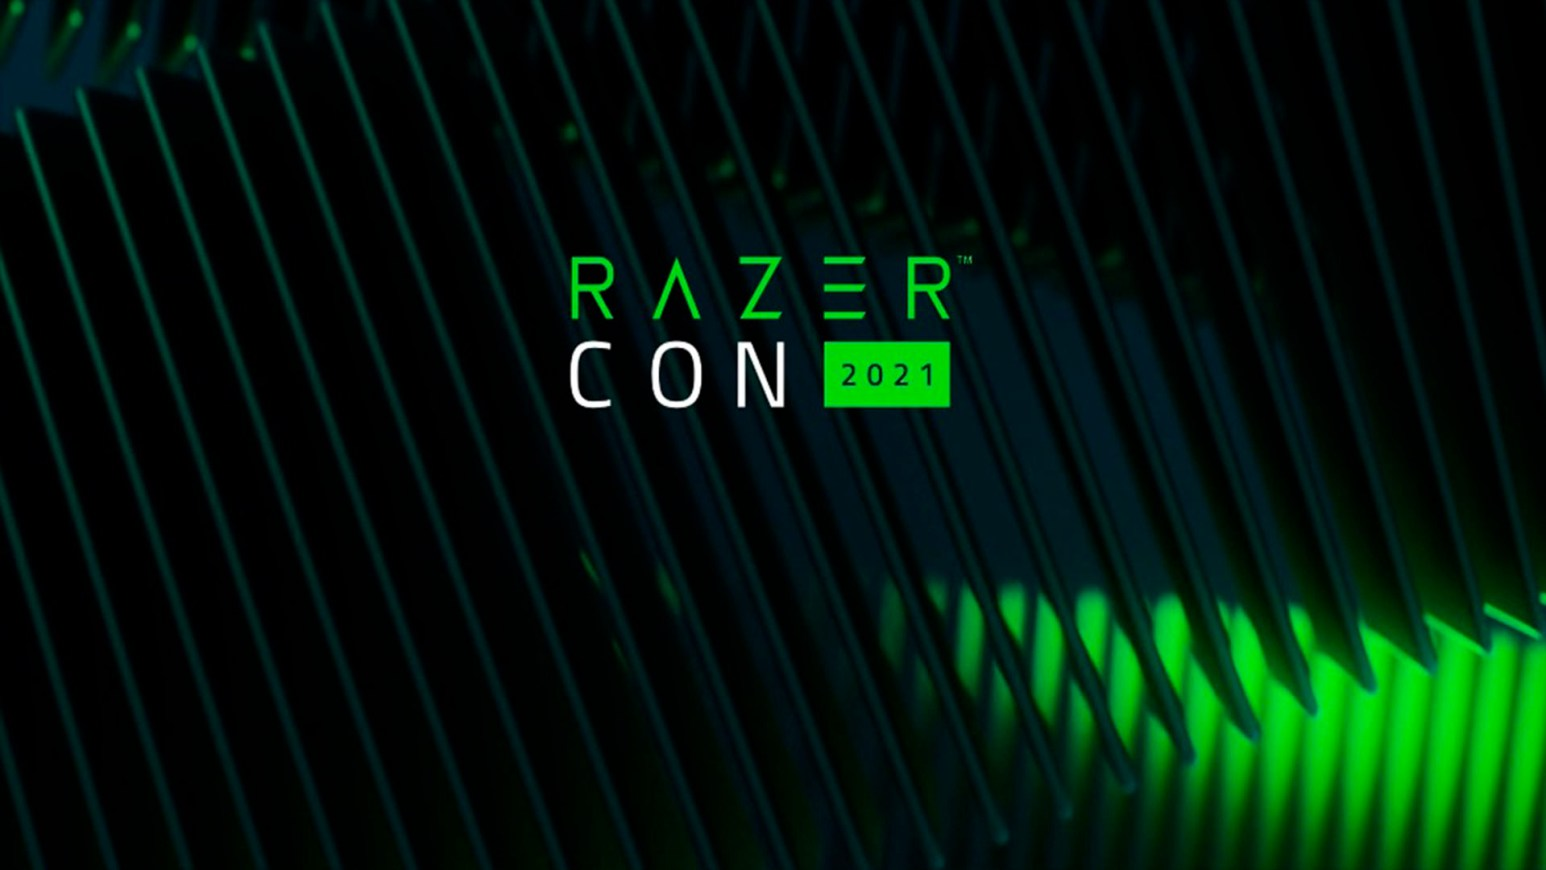 RazerCon 2021